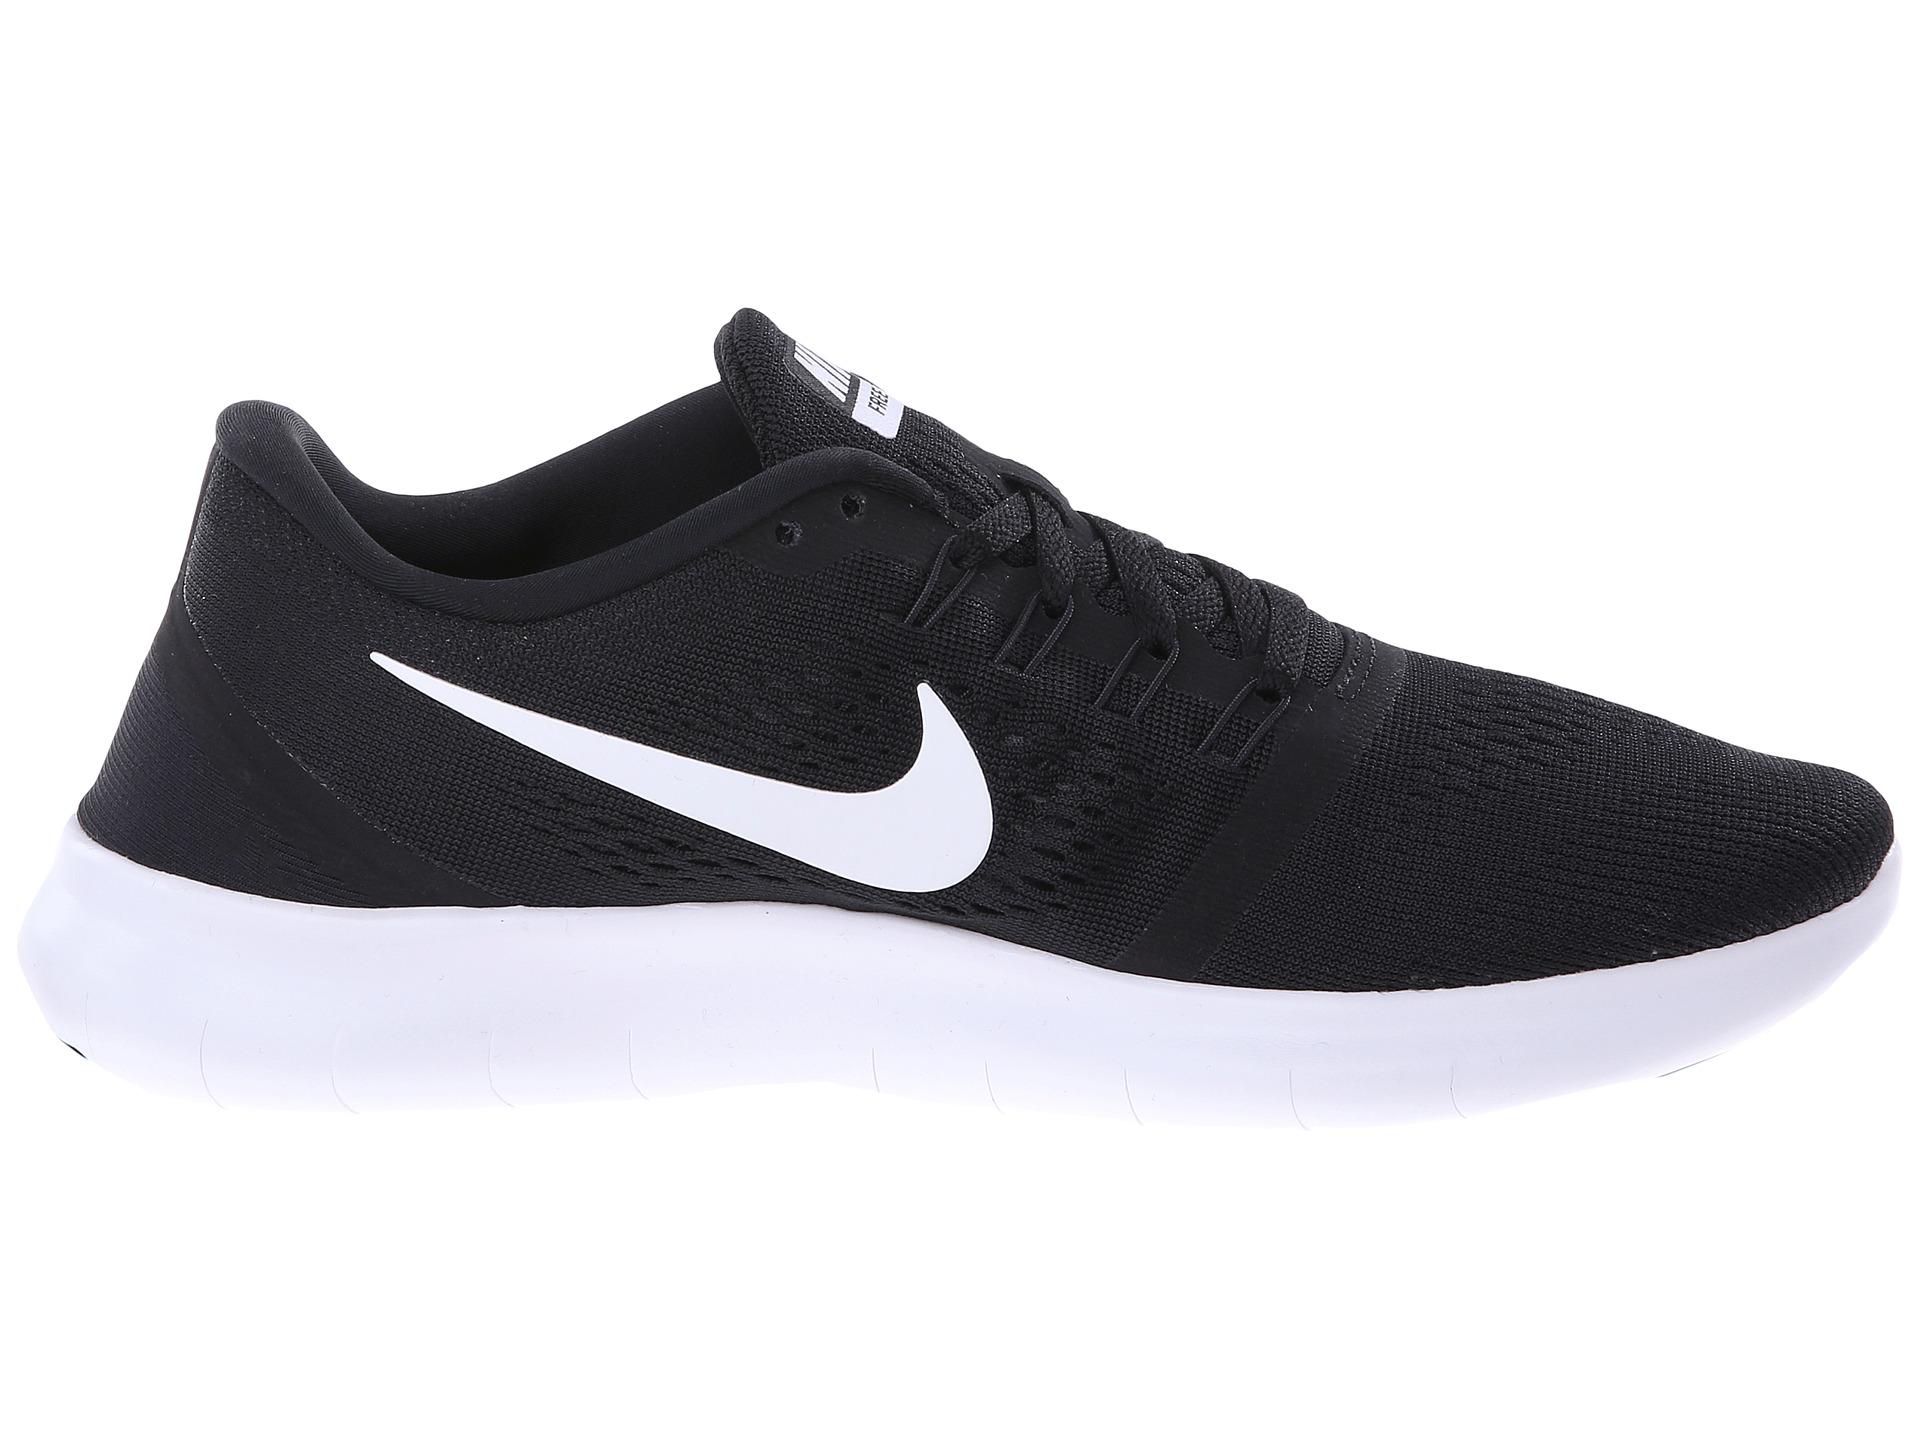 Nike Free Rn Flyknit June 30